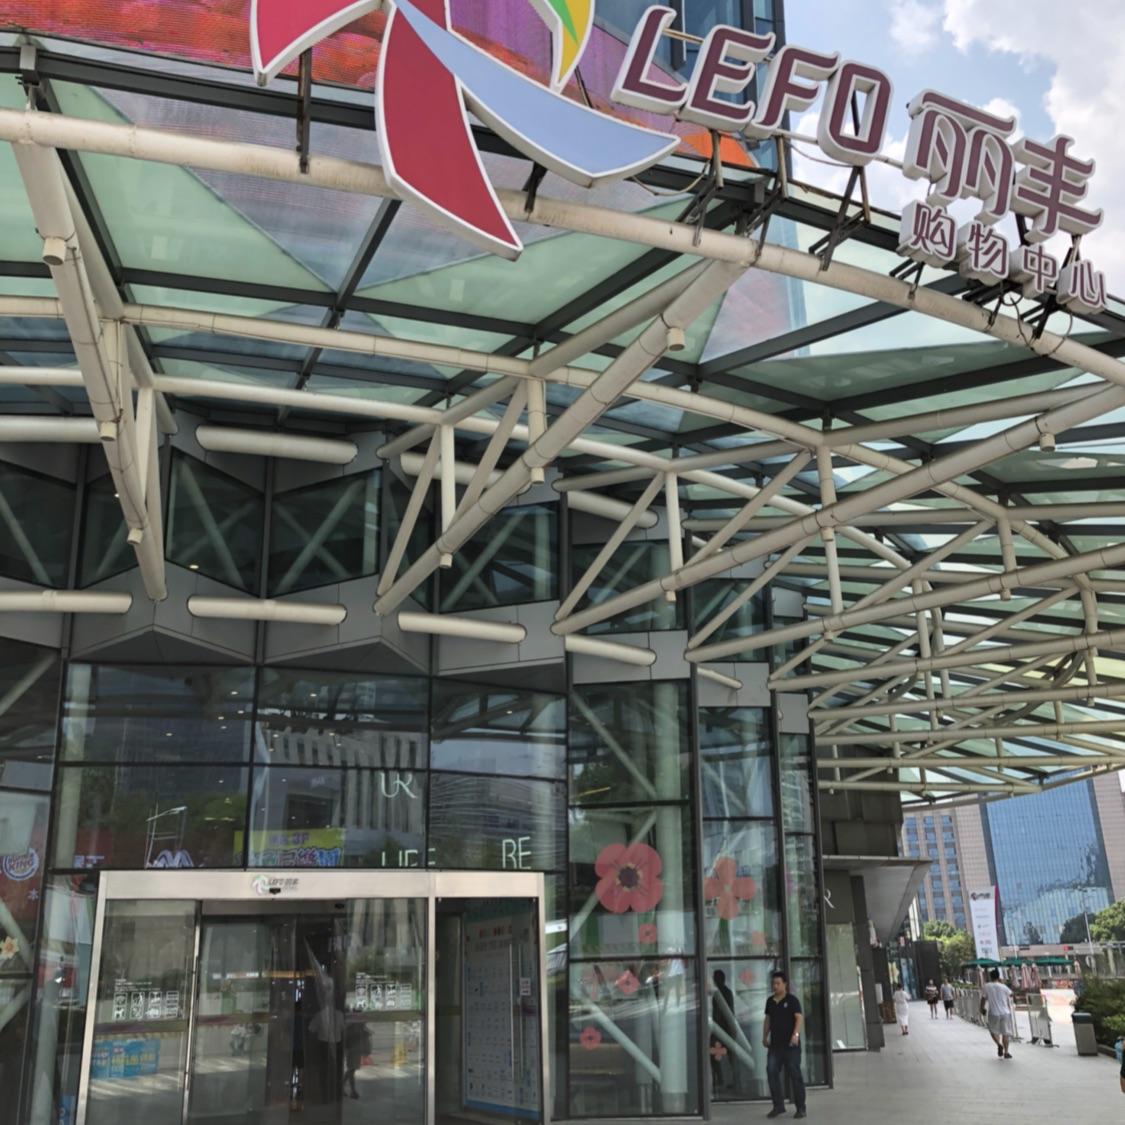 苏州盛宴市集丽丰购物中心